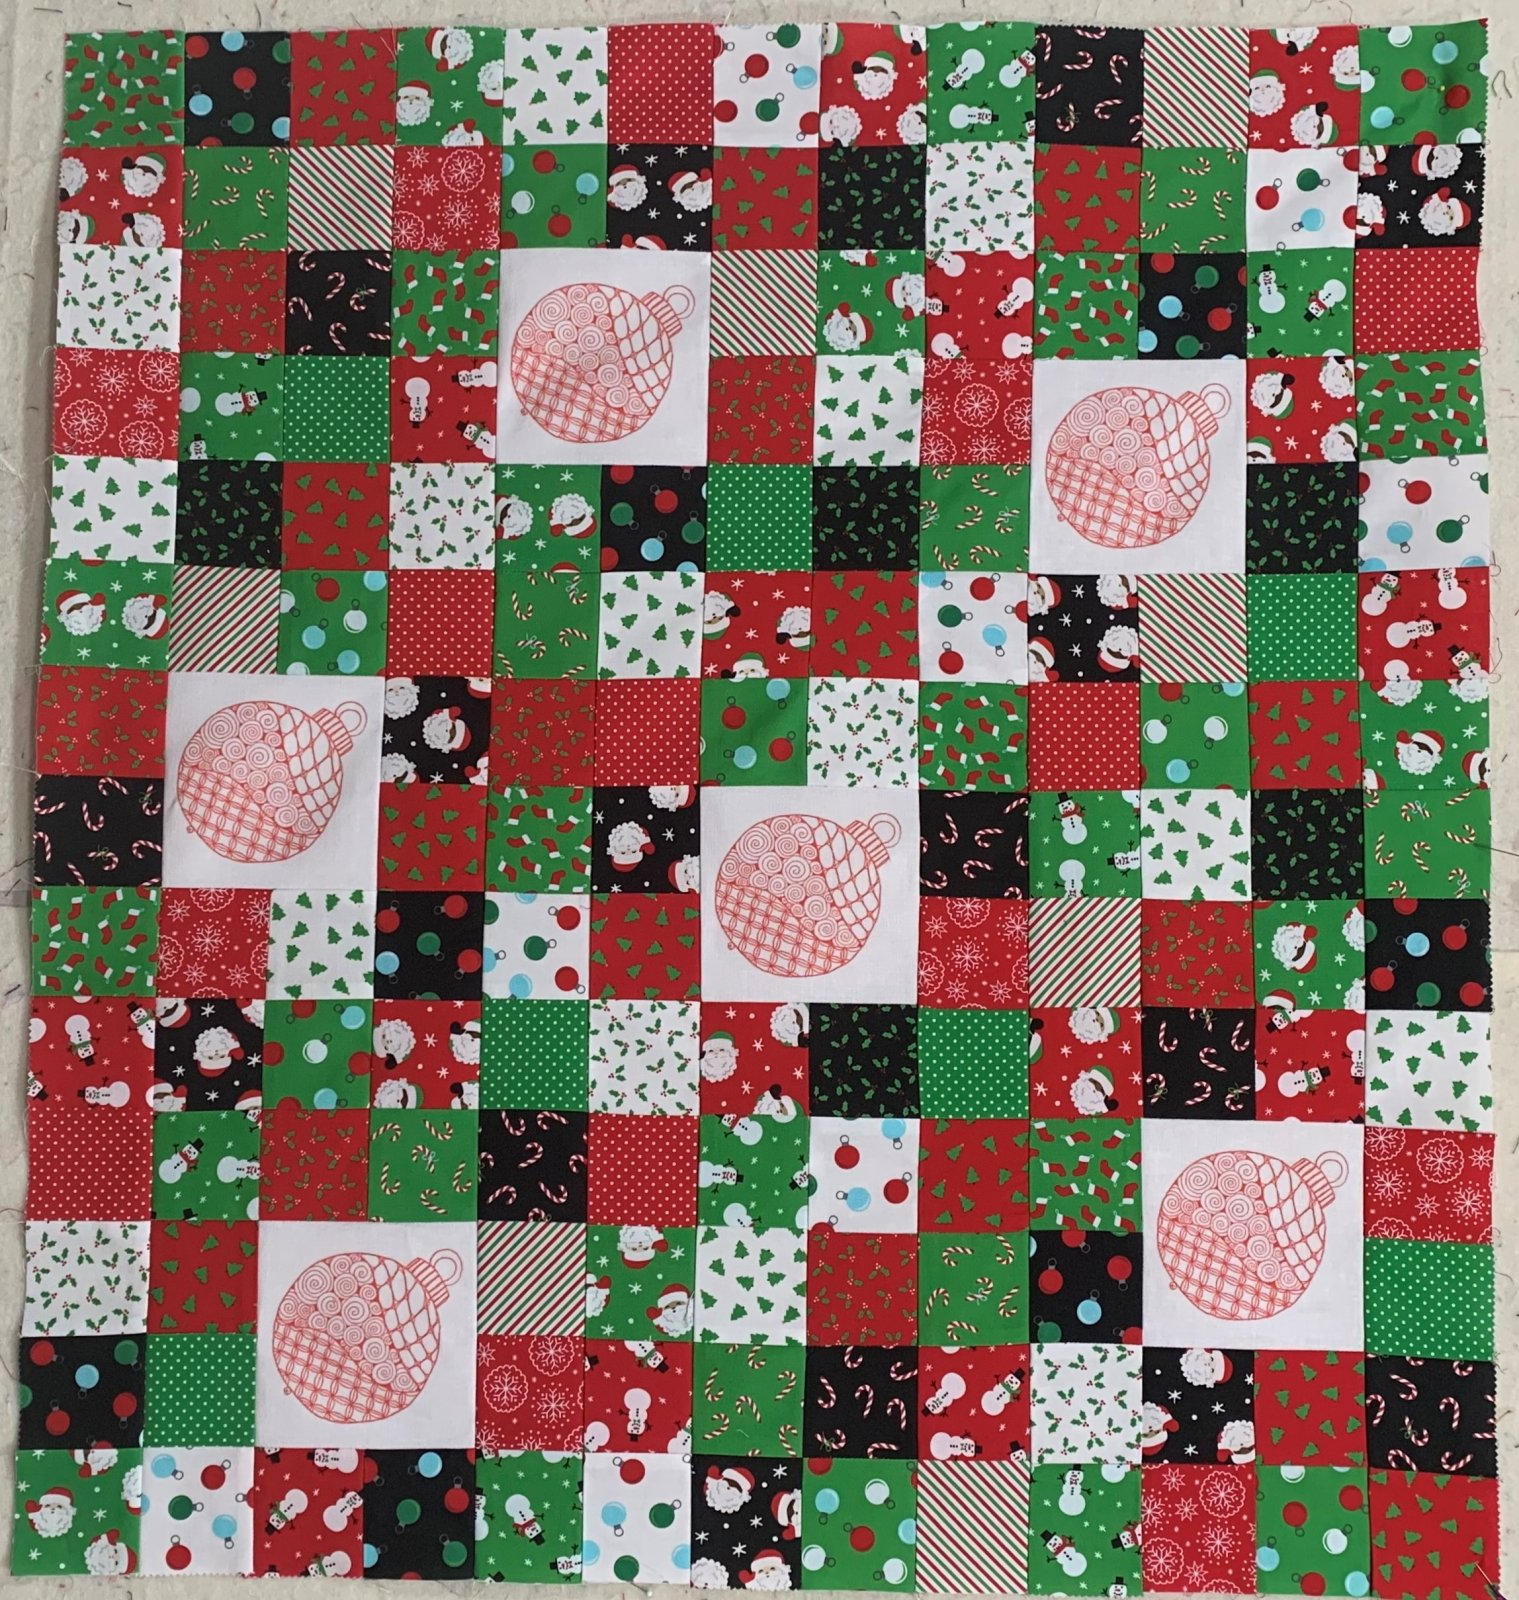 Zentangle Inspired Red Ornament Table Topper Kit - RRQ Original